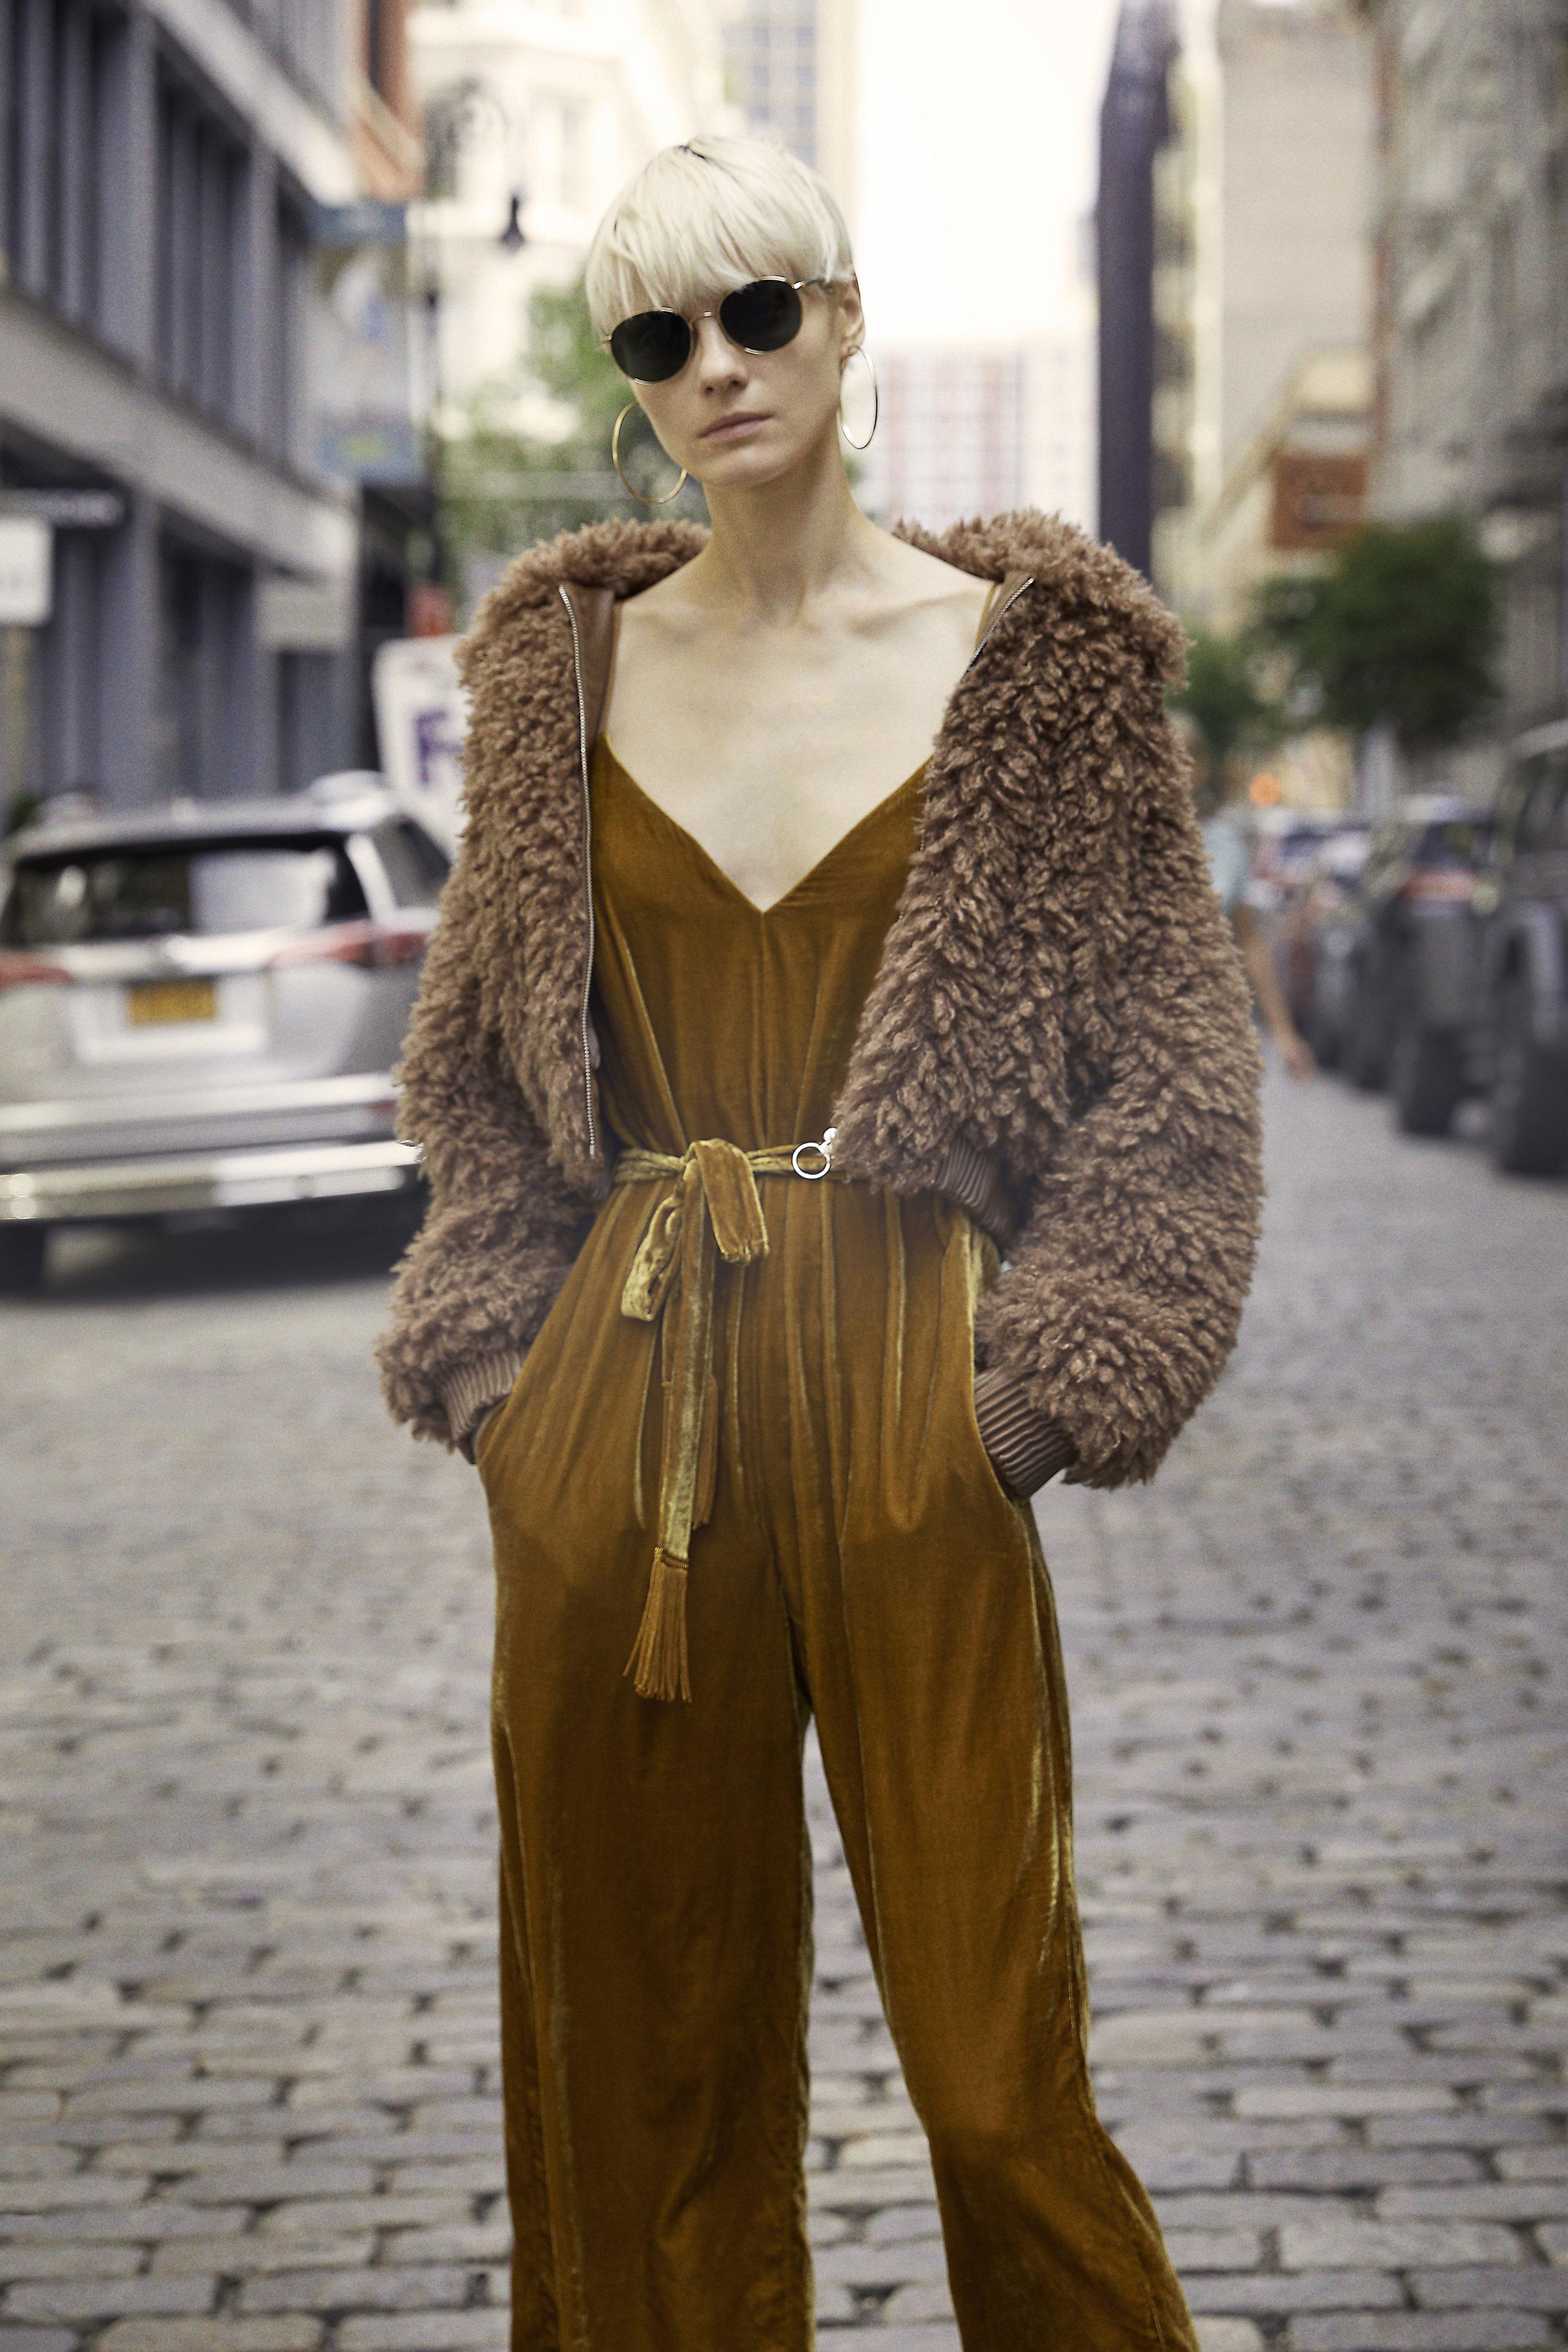 Phoenix Teddy Bear Jacket - Mocha & Hey Hey Hey Gold Velvet Jumpsuit